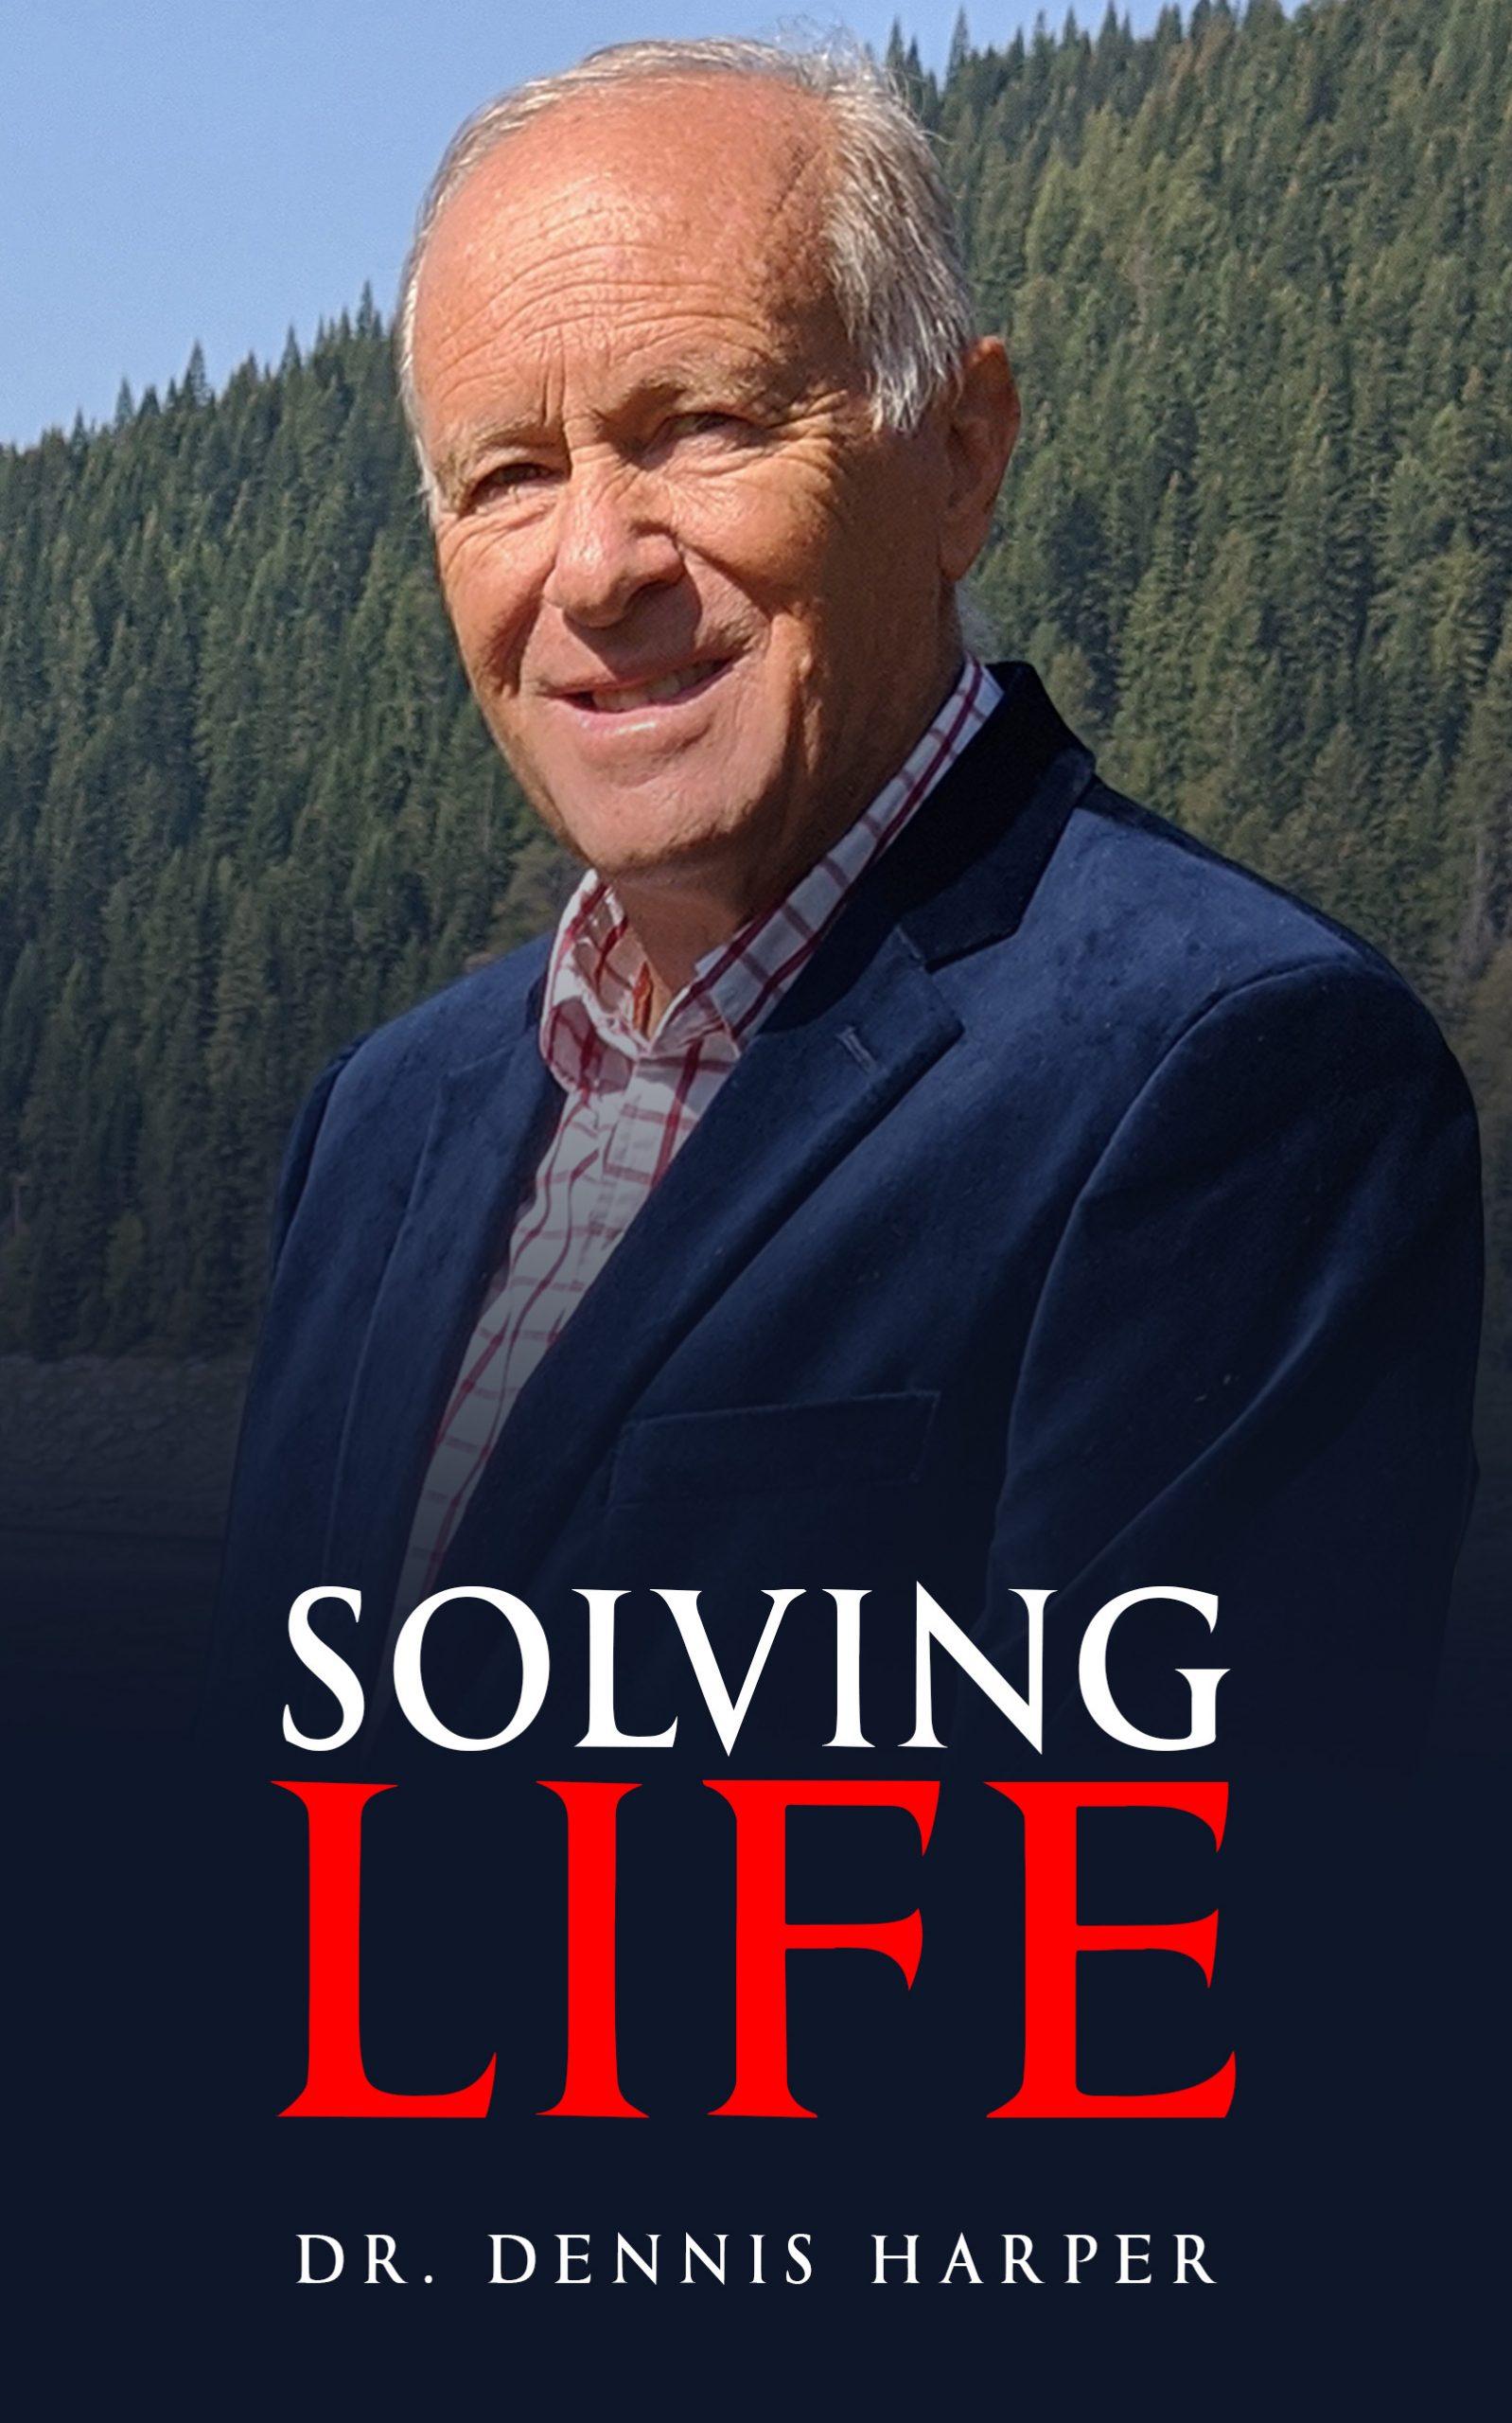 Dennis Harper, DC Solving Life Book